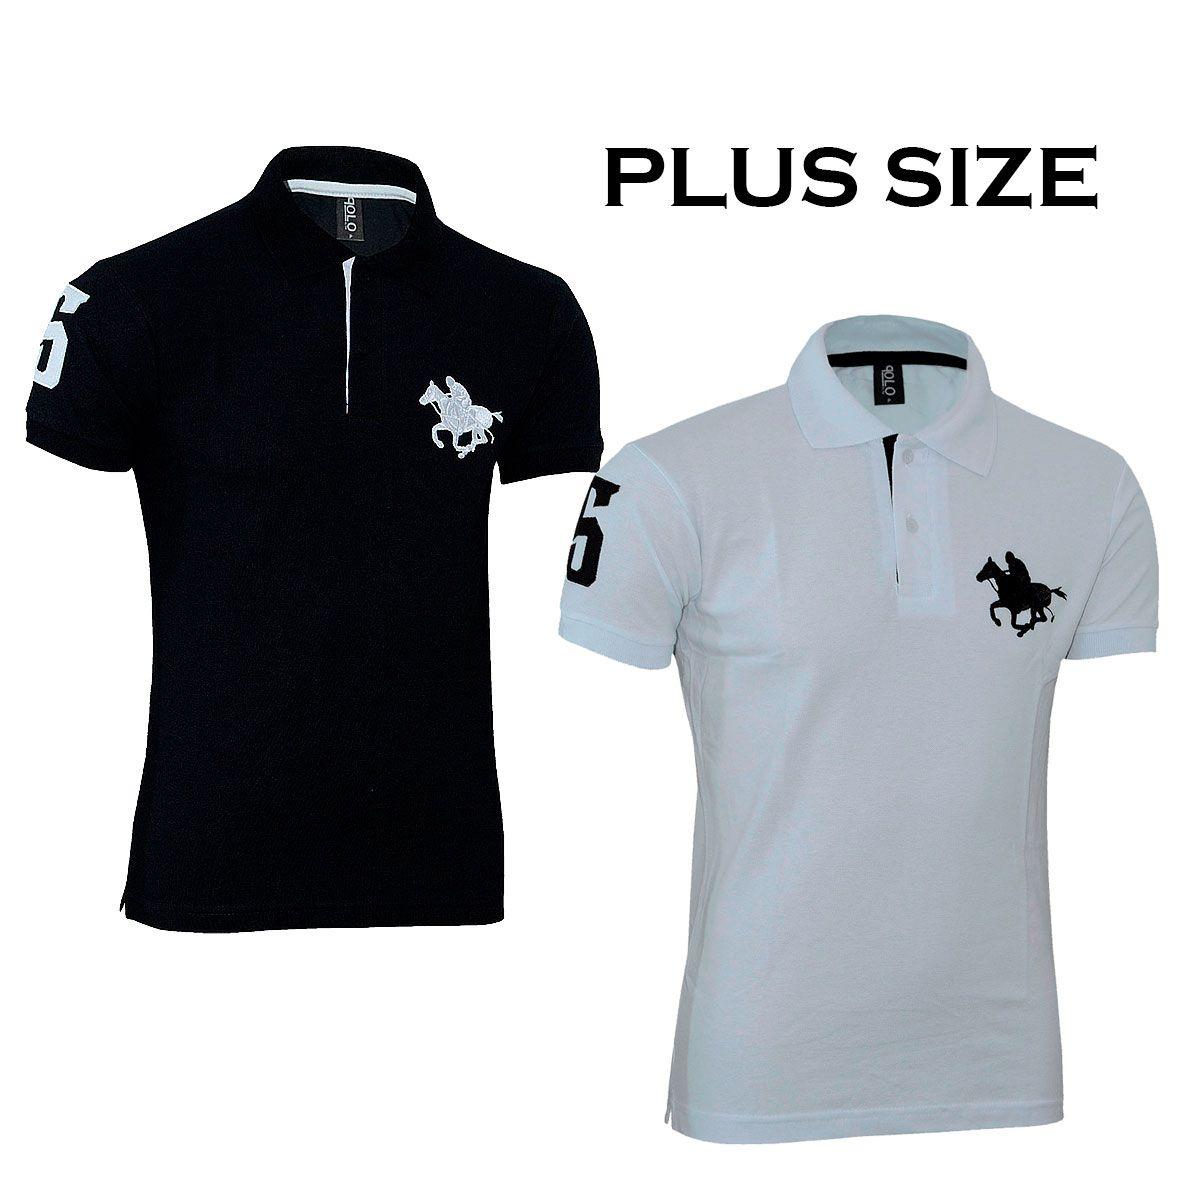 Kit com 02 Polos Tradicionais da Marca Preto e Branco Plus Size